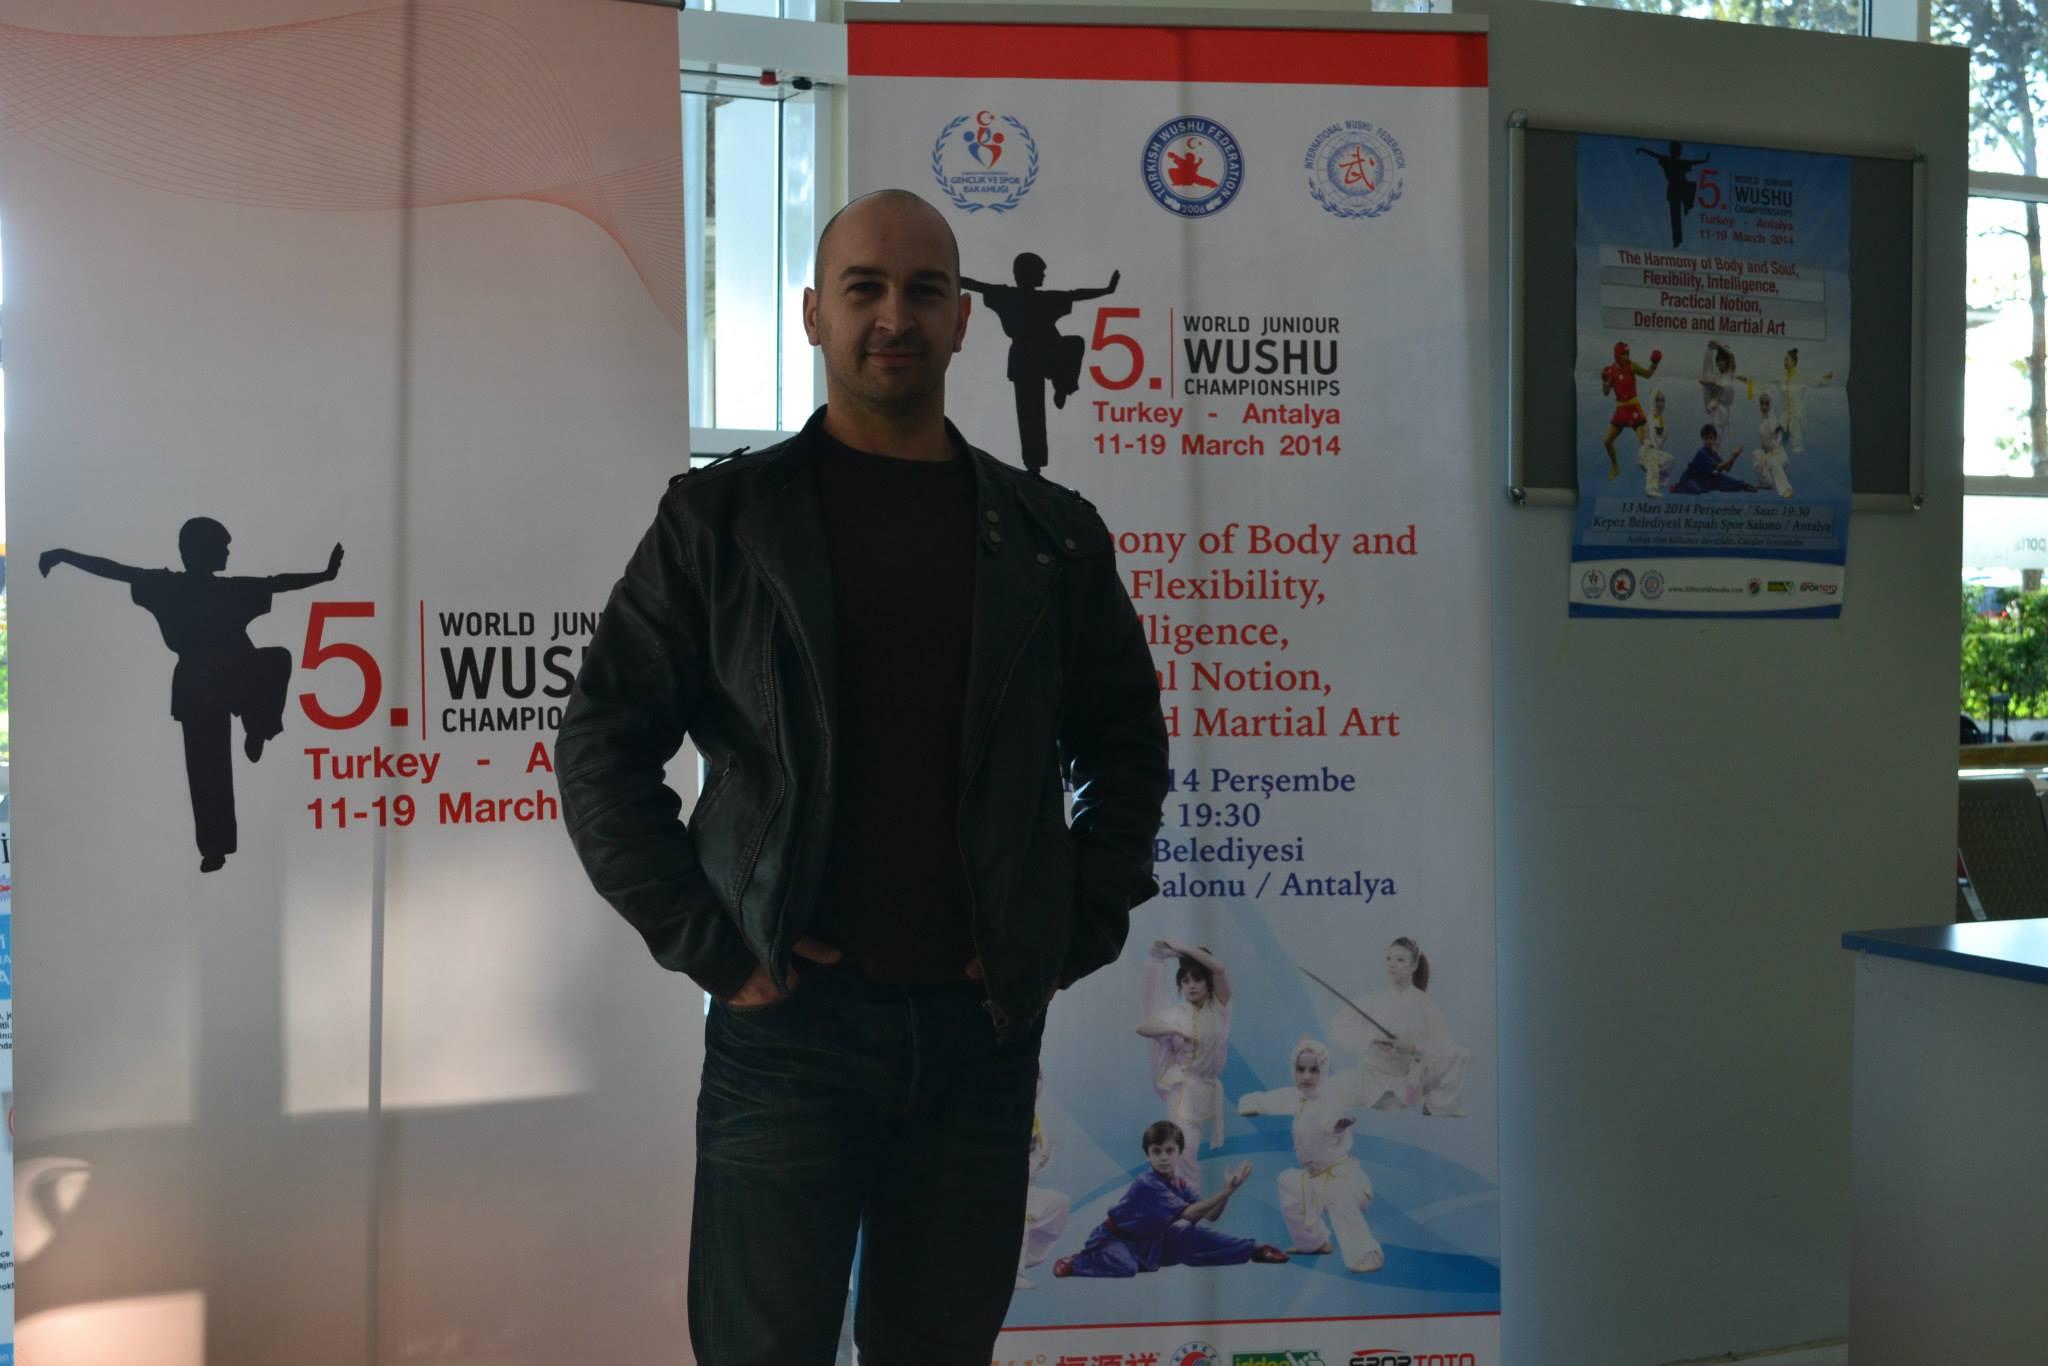 Curso Internacional de Wushu,Turquía